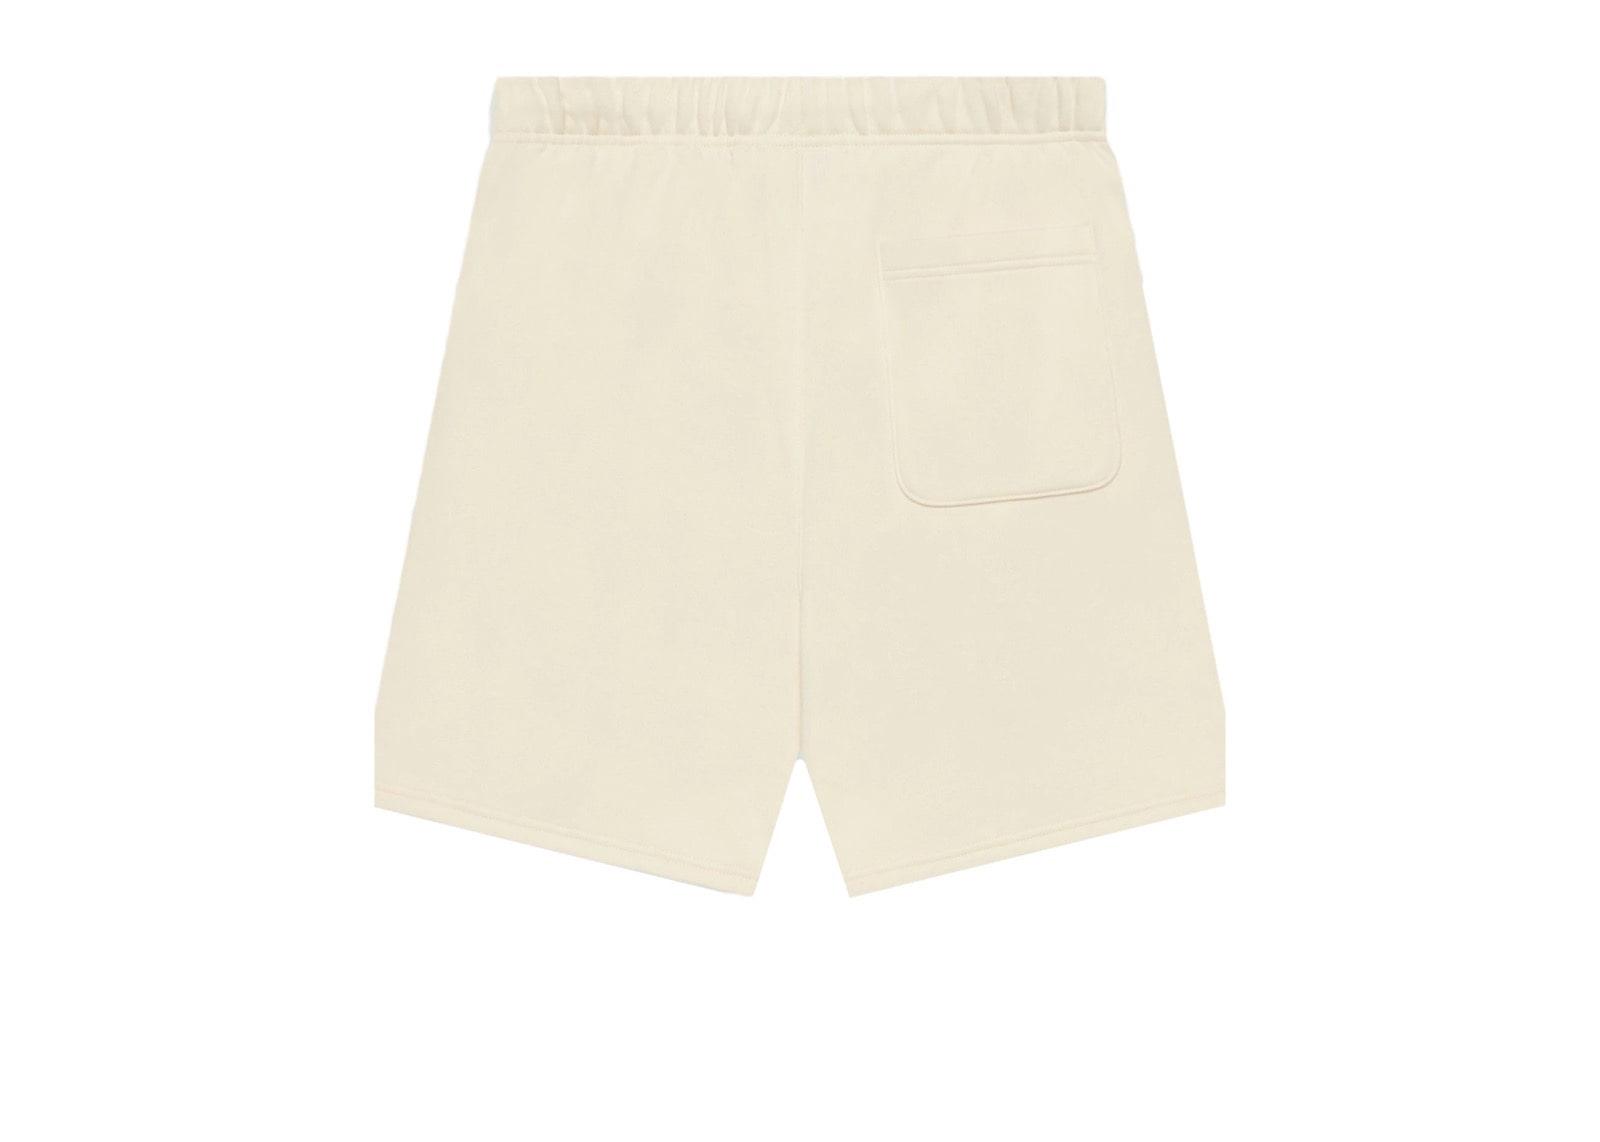 slide 2 - Buttercream Shorts